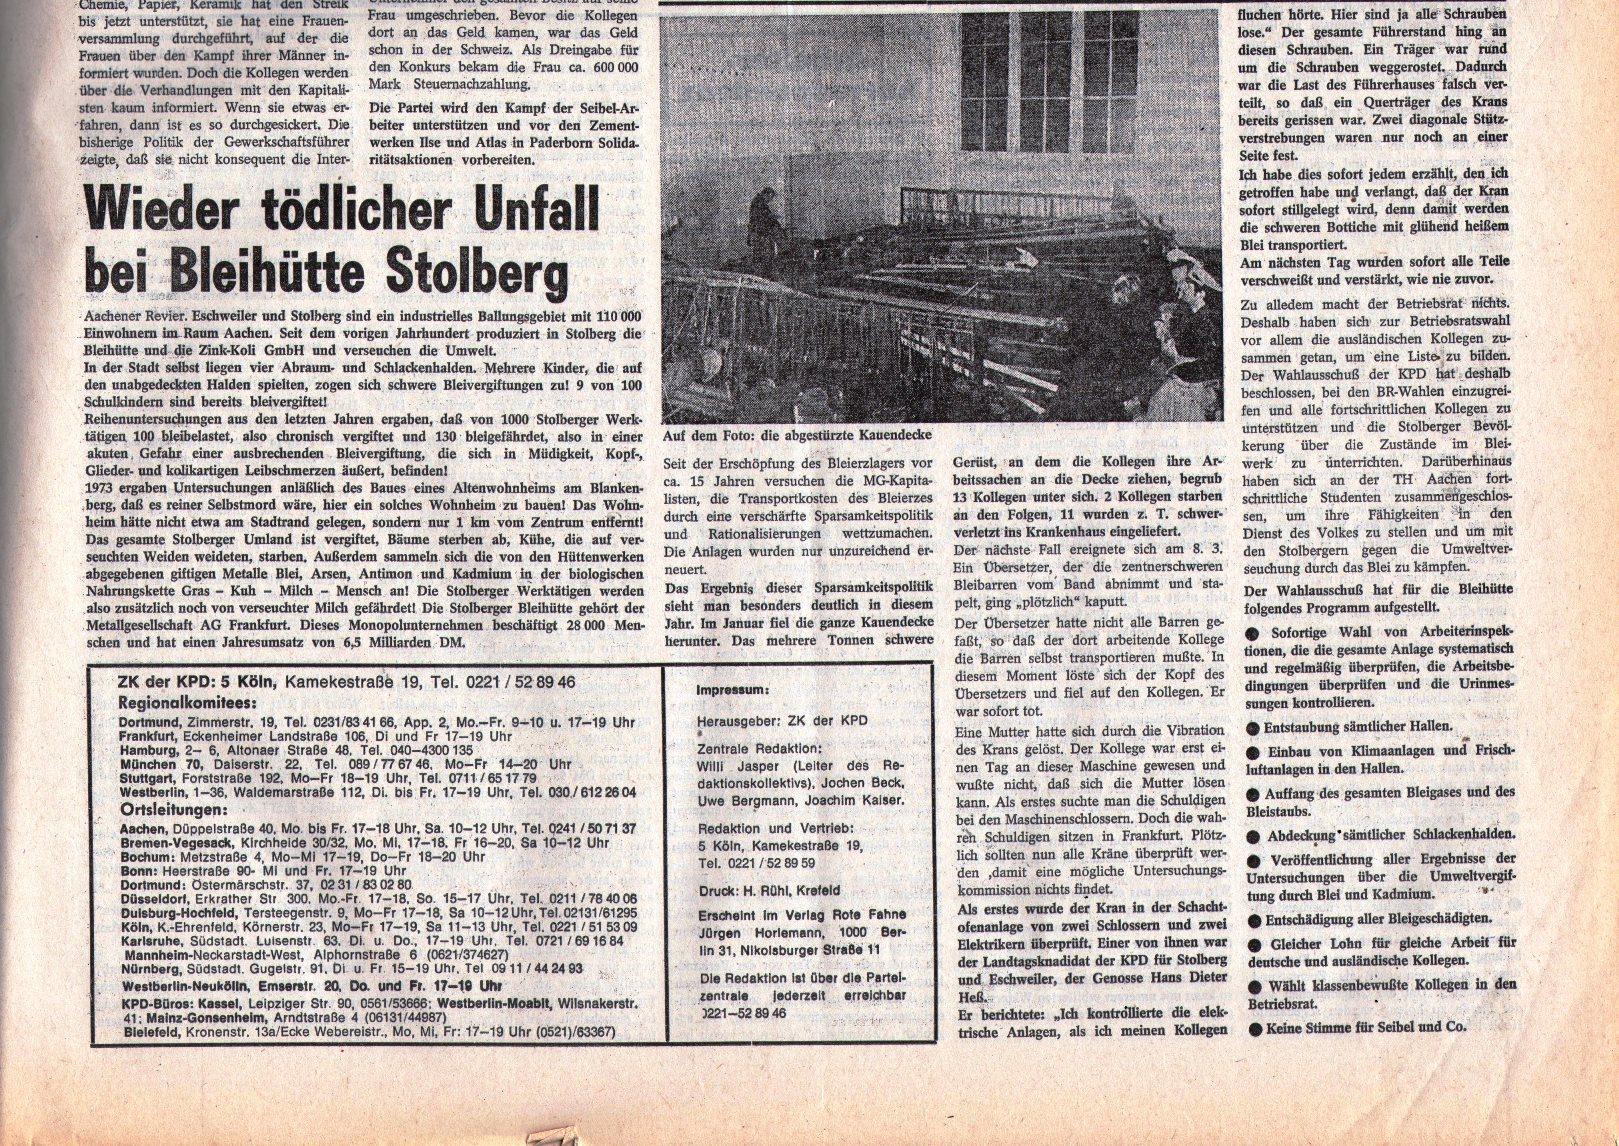 KPD_Rote_Fahne_1975_11_10